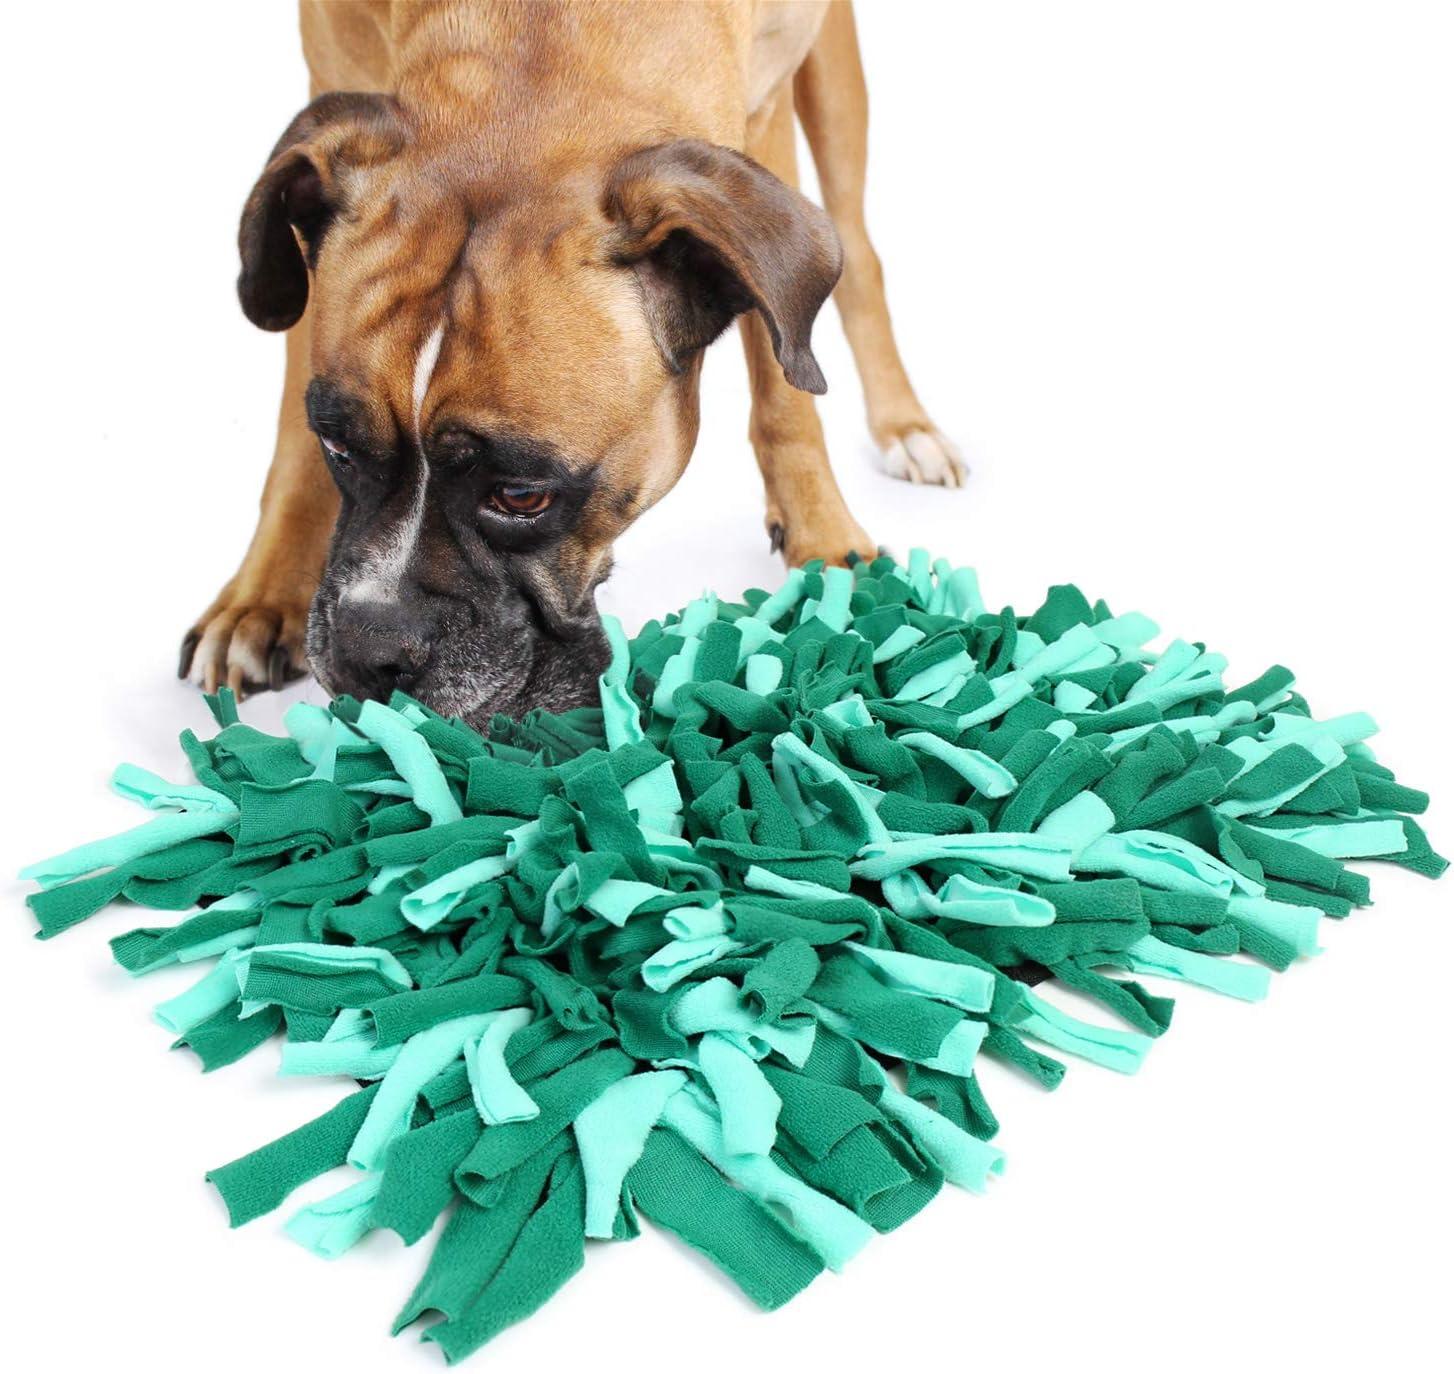 Bella & Balu Alfombra olfativa para perros (45 x 30 cm) | Juguete interactivo para mascotas que promueve la búsqueda de alimentos y estimula el olfato del perro (Verde)